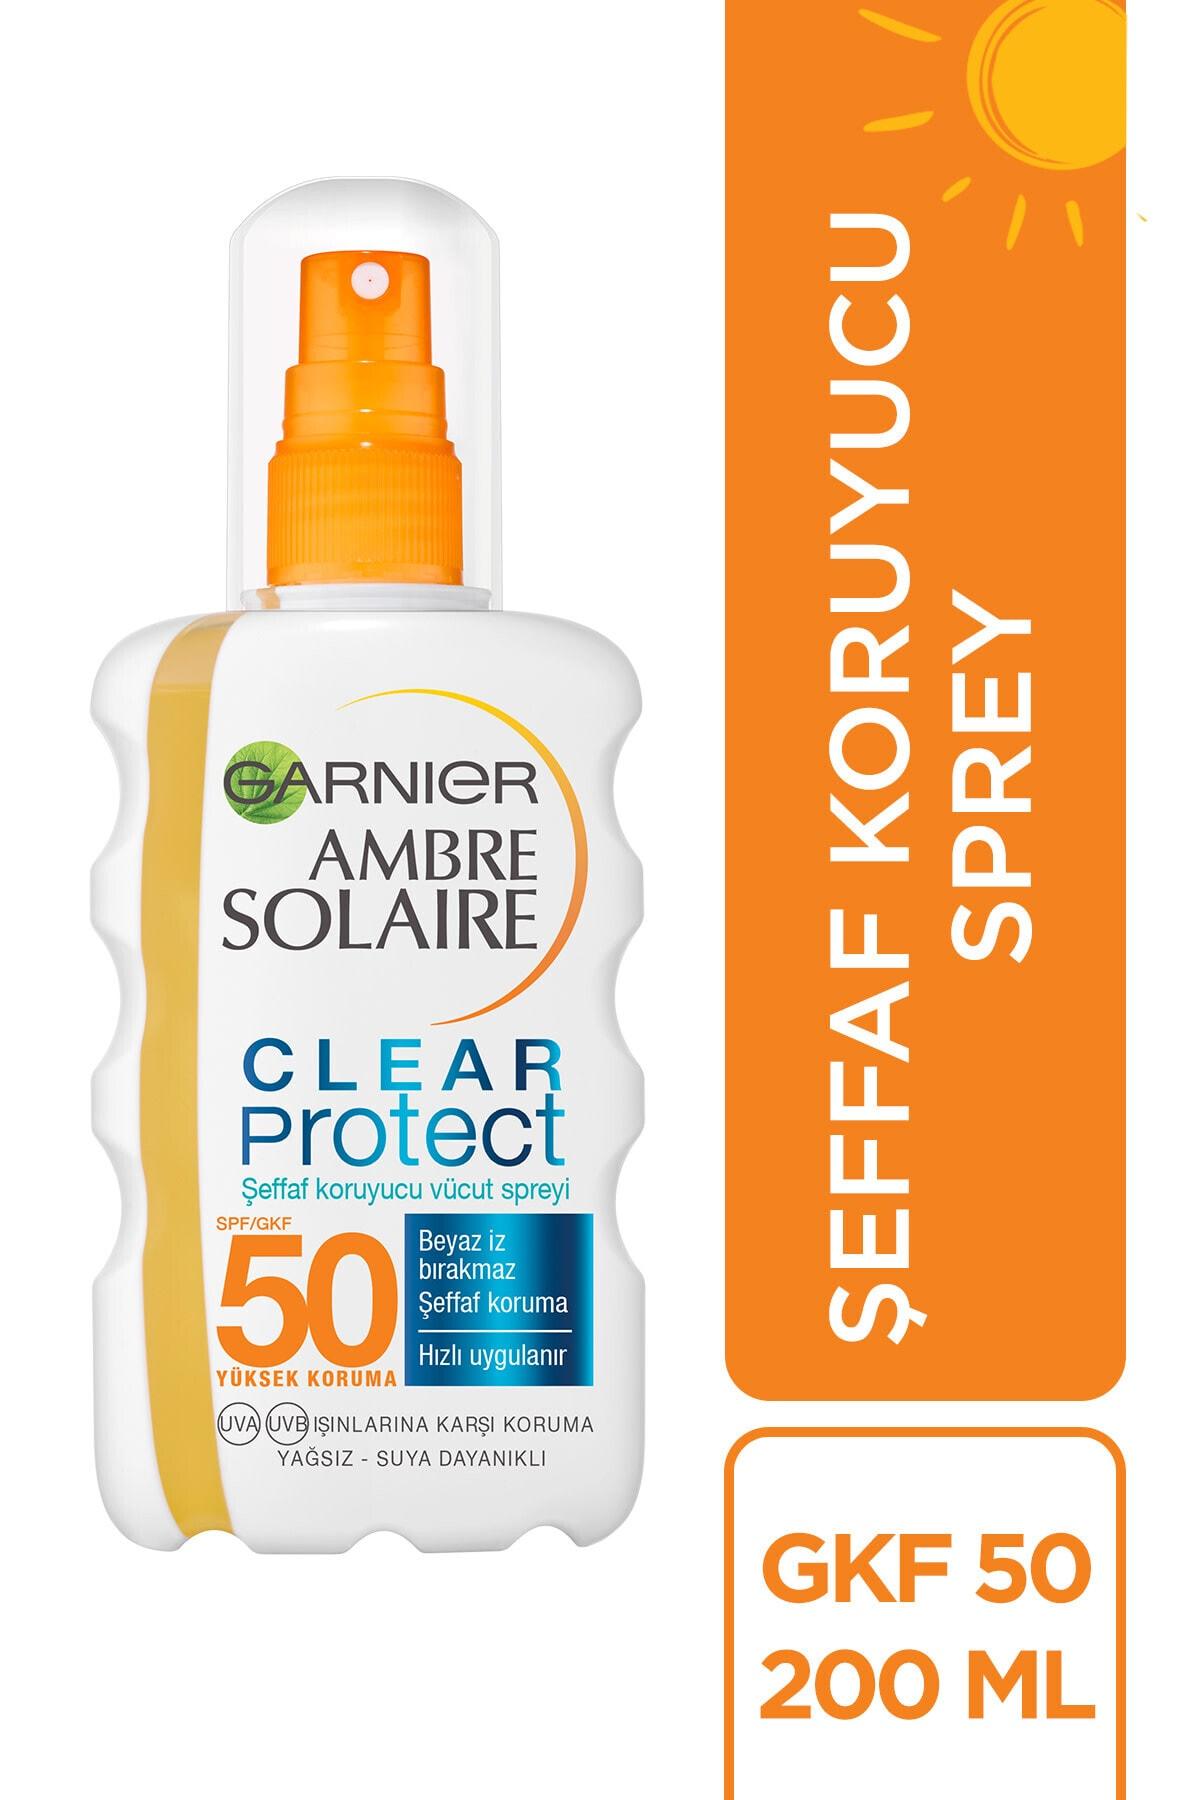 Garnier Ambre Solaire Clear Protect Şeffaf Vücüd Spreyi Gkf50 200ml 2